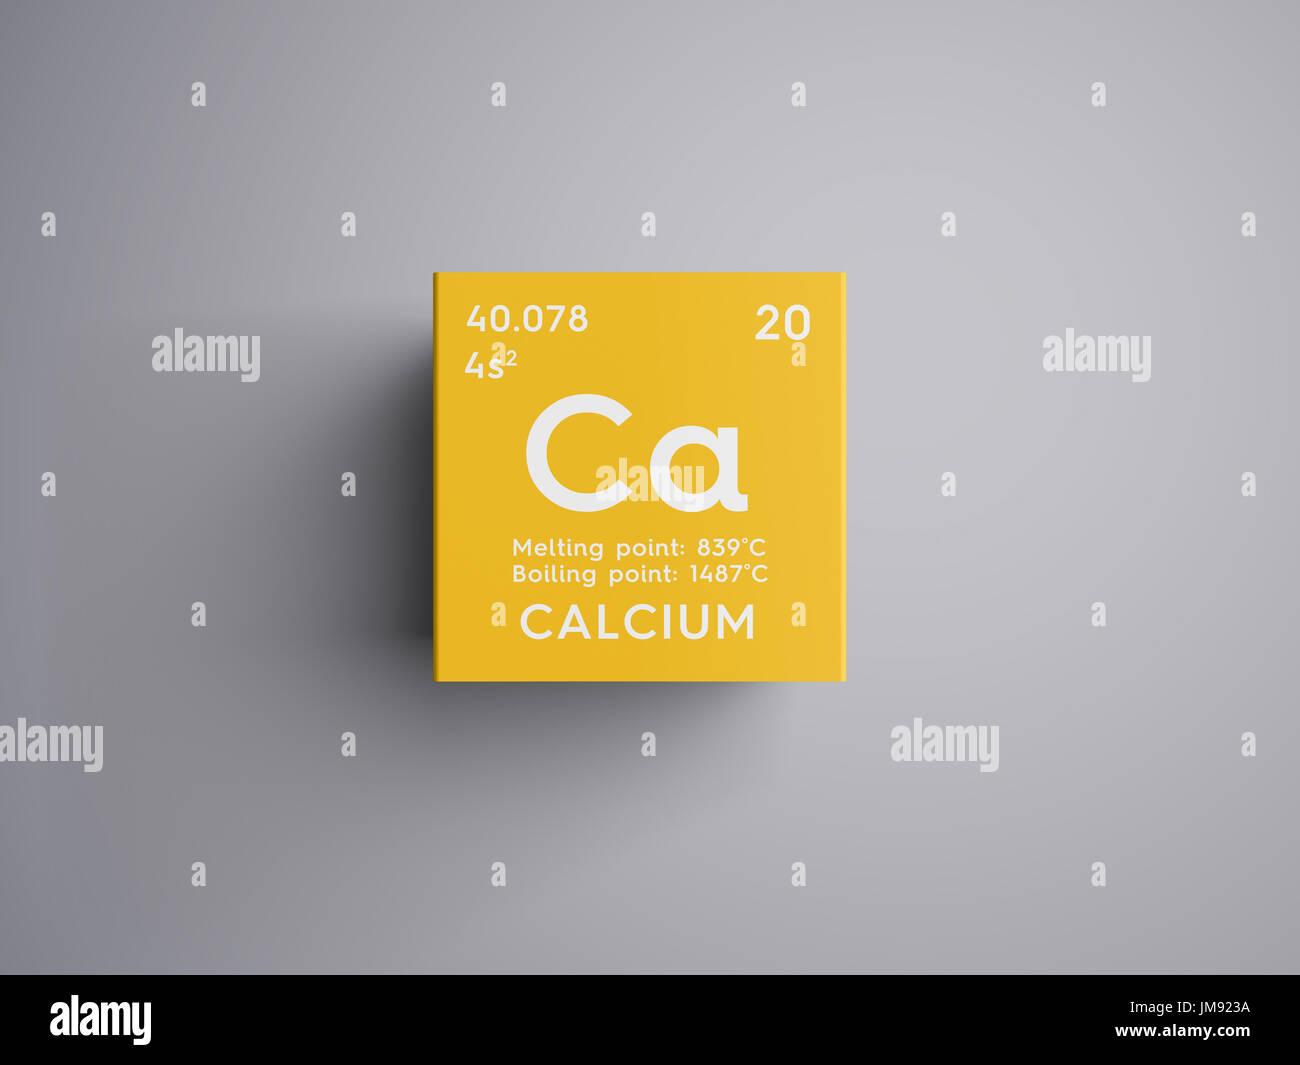 El calcio metales de tierras alcalinas elemento qumico de la elemento qumico de la tabla peridica de mendeleyev calcio en square cube concepto creativoel calcio metales alcalinoterreos urtaz Image collections